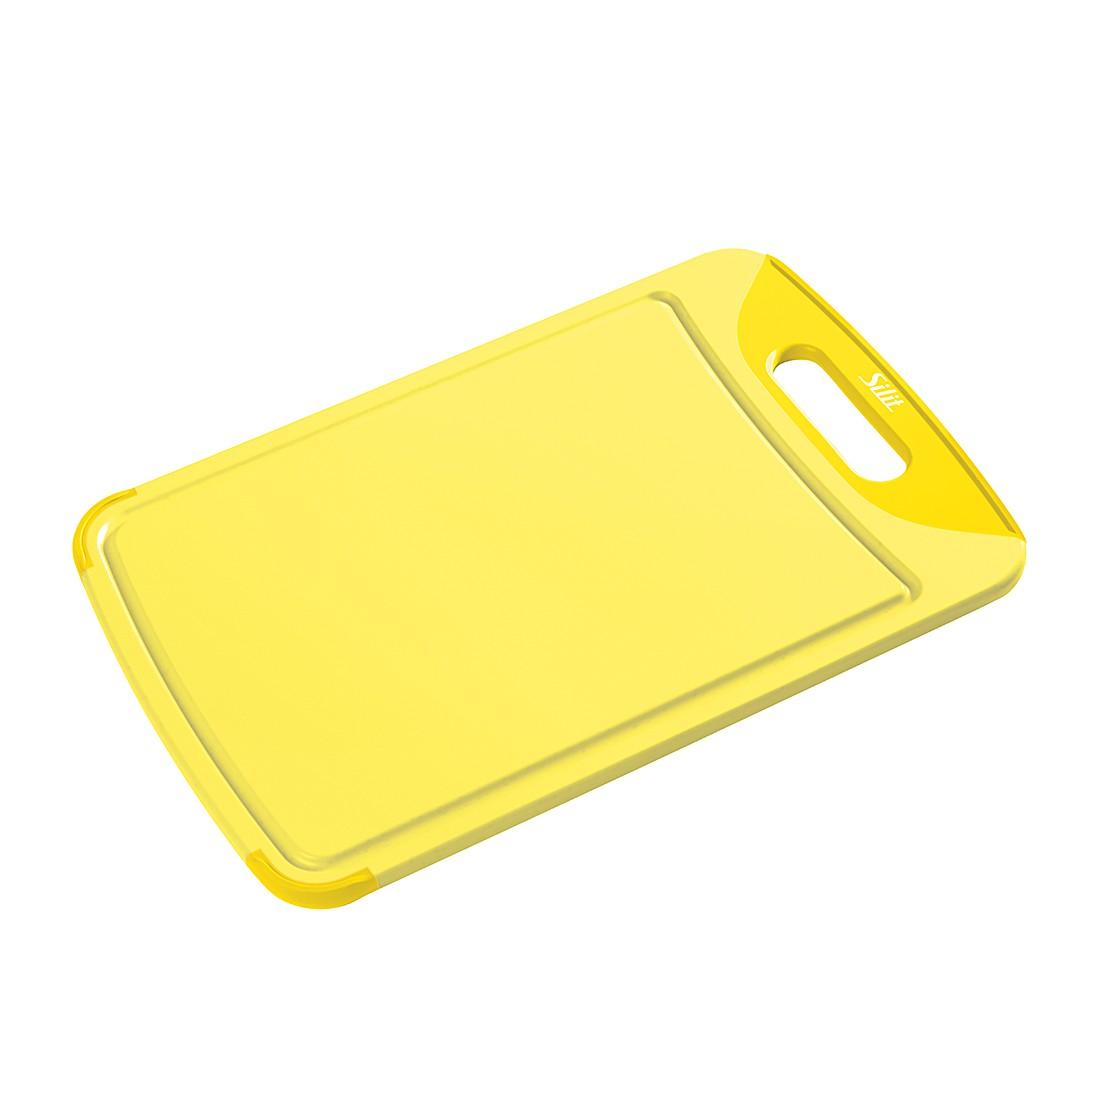 Schneidebrett – 38 x 25 cm, Gelb, Silit kaufen